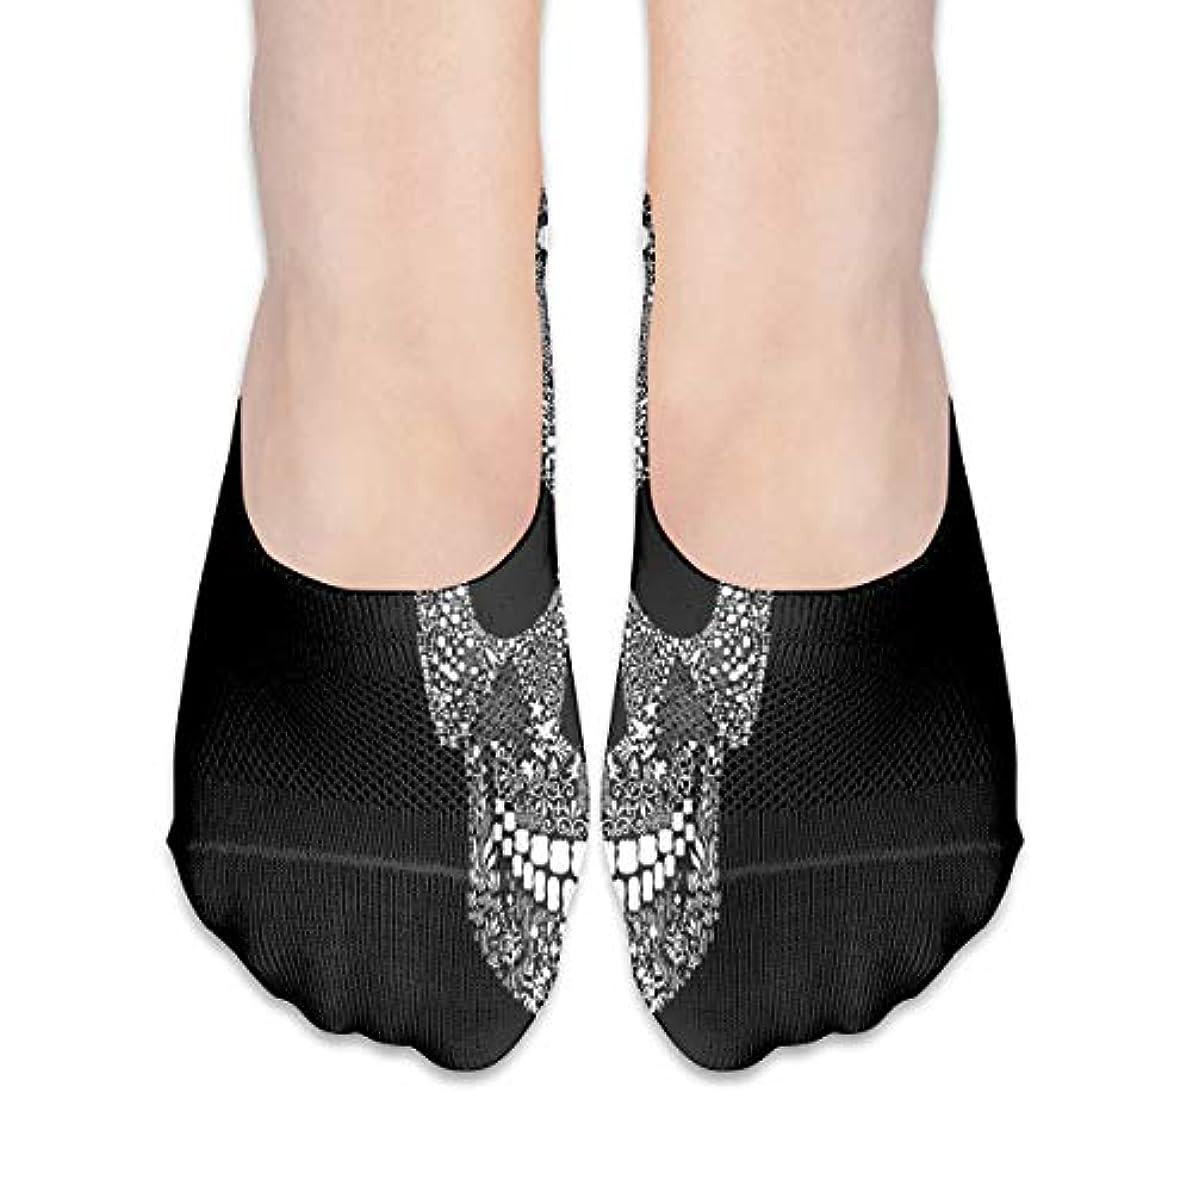 無傷レールワイヤー女性のためのショーの靴下はローカットカジュアルソックス非スリップおかしいスカルブラック